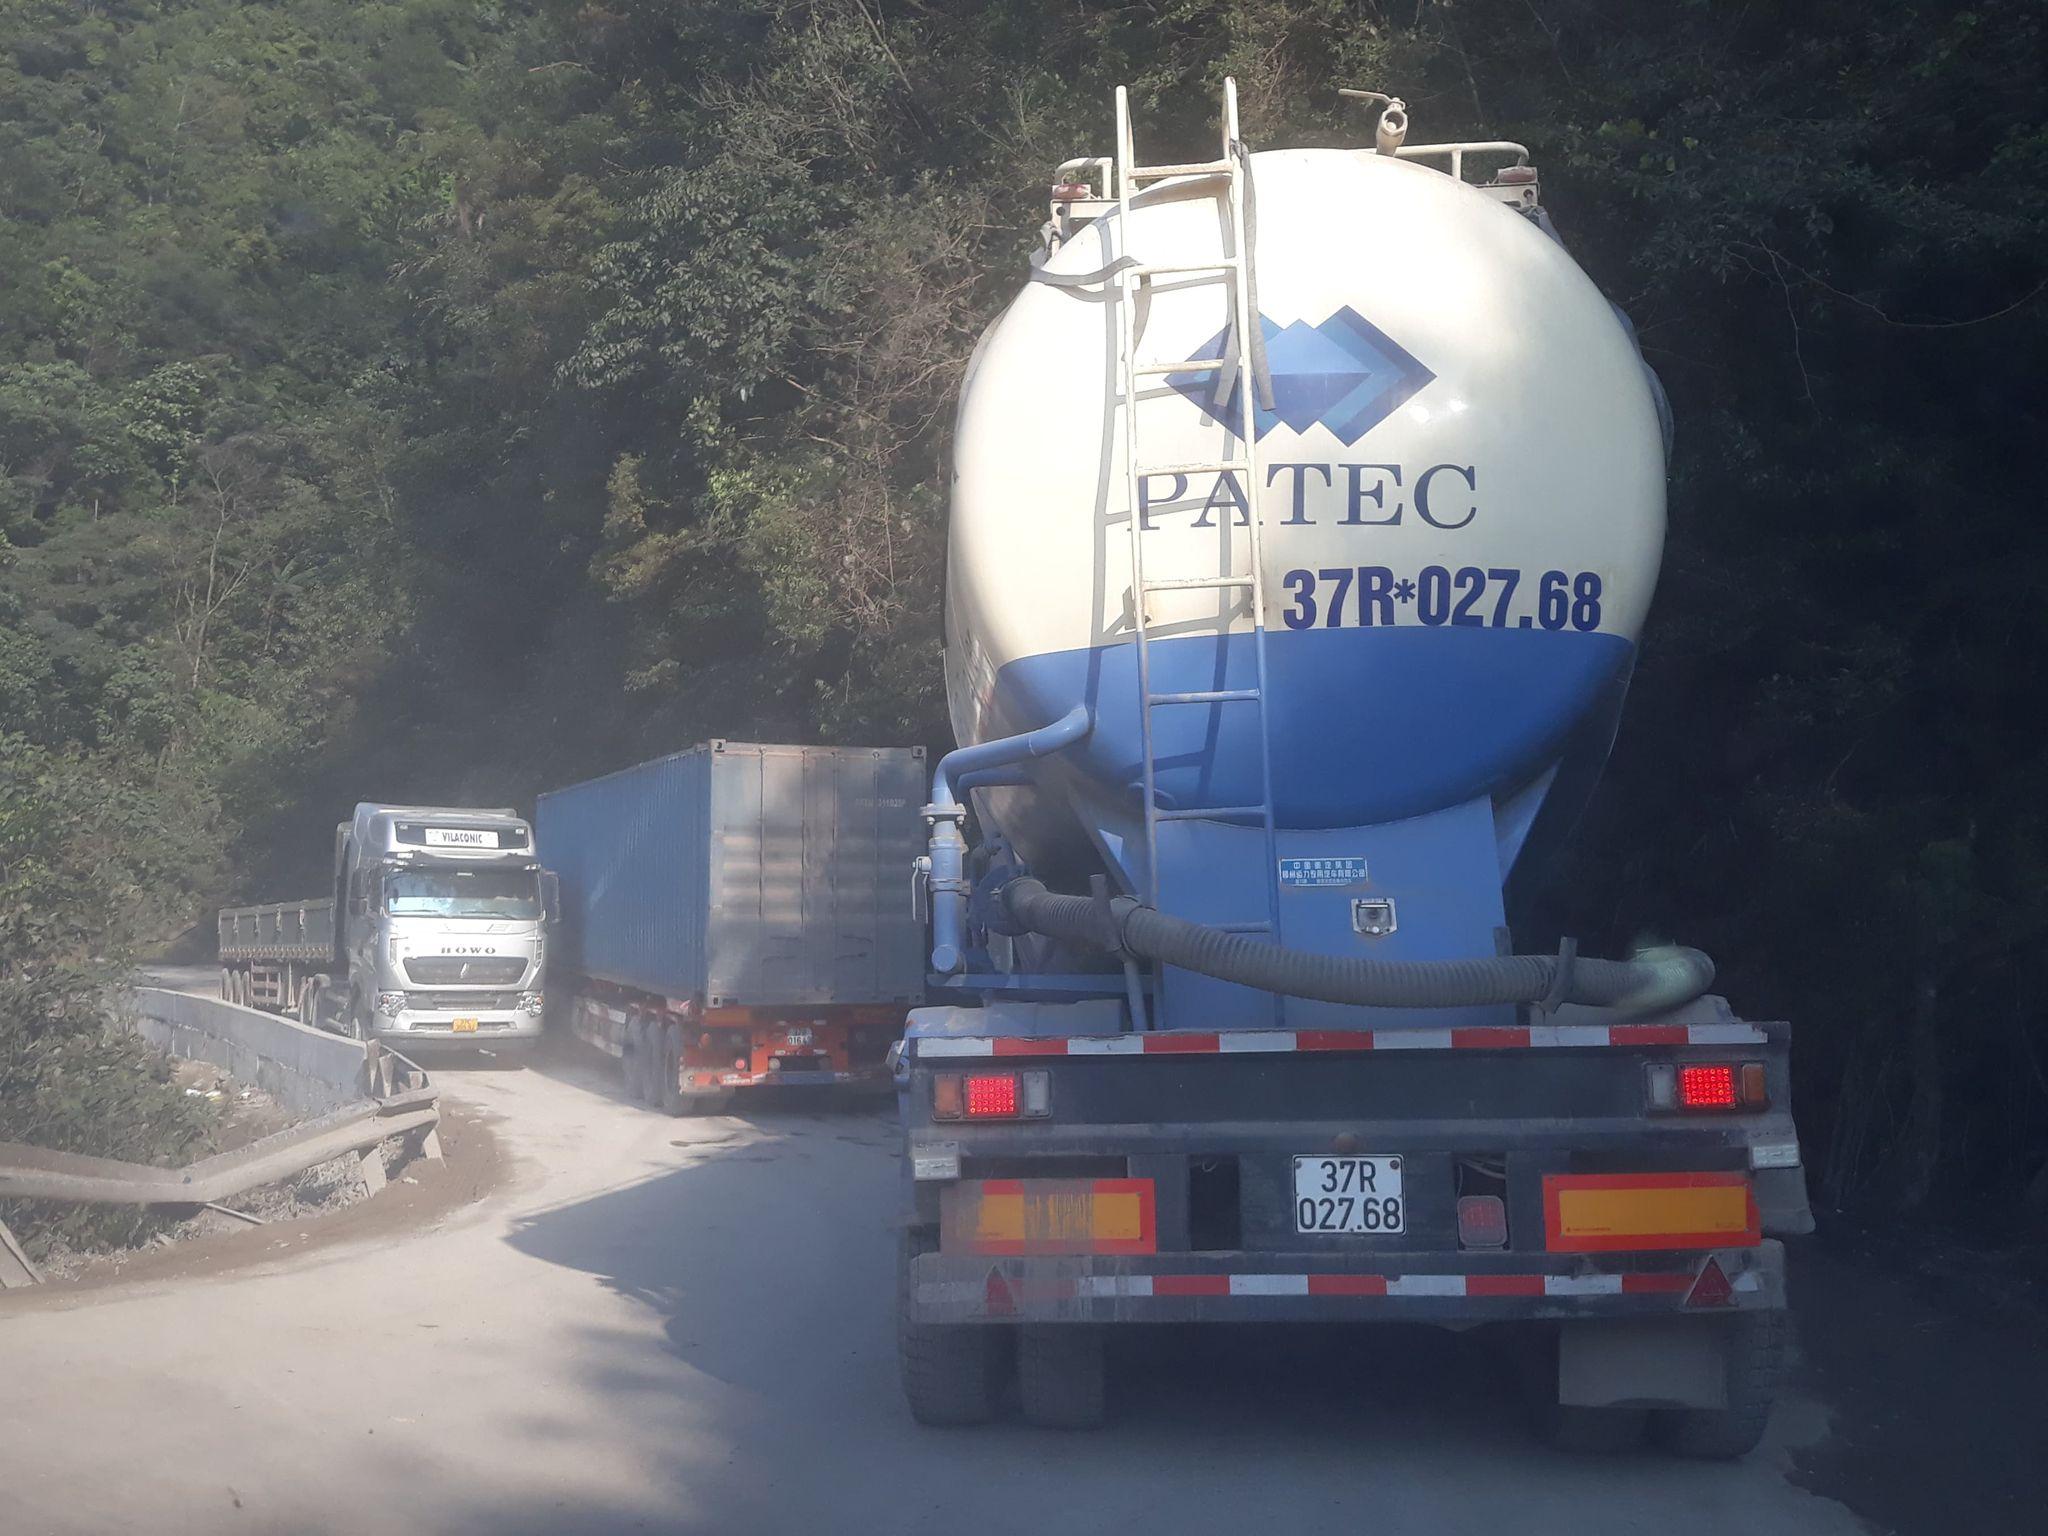 Chỉ hai chiếc xe tải hạng nặng là mặt đường đã không còn chỗ trống